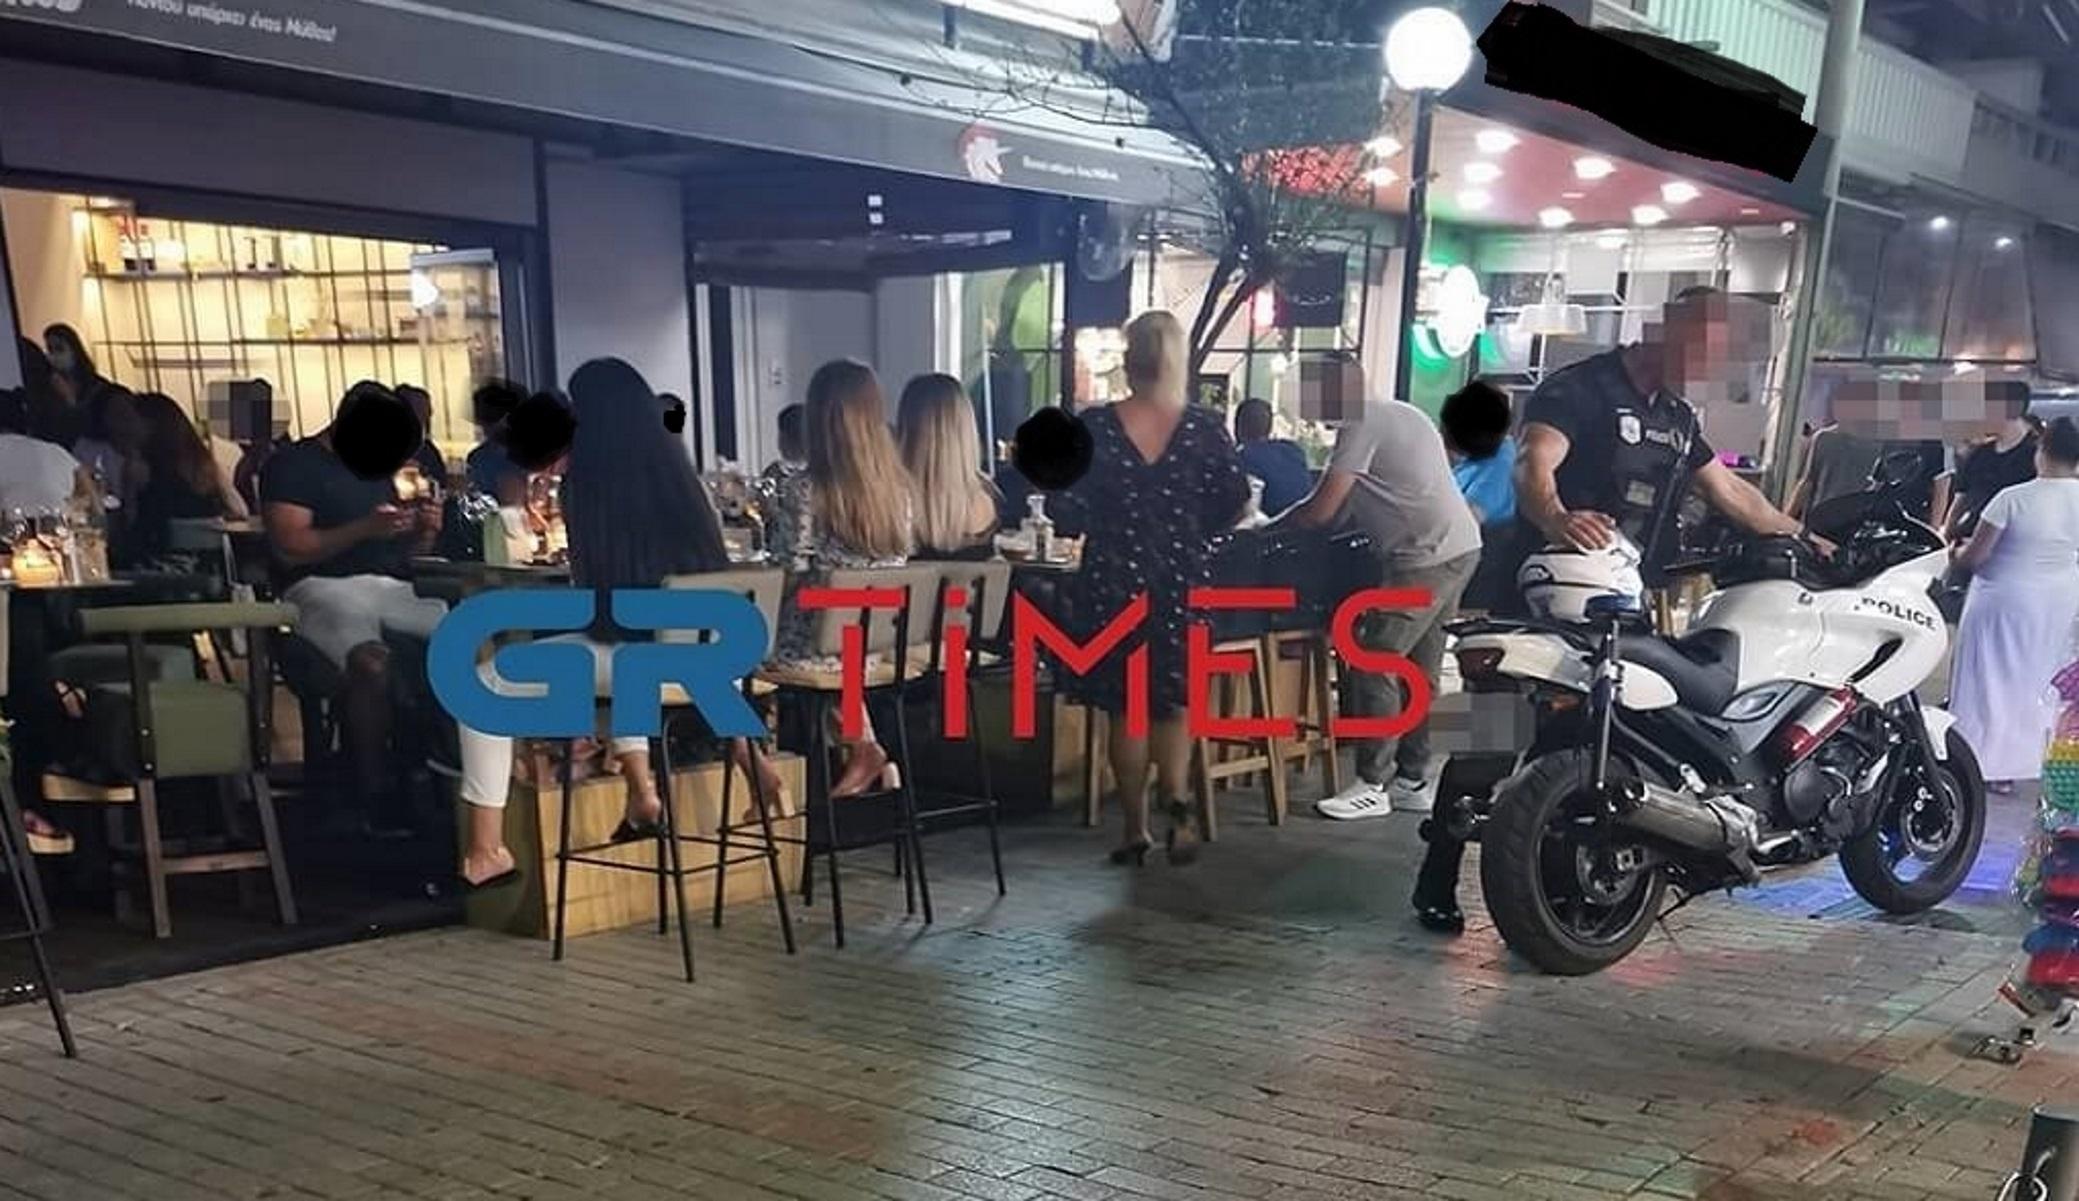 Θεσσαλονίκη: Βγήκε μαχαίρι σε καφέ μπαρ στον Εύοσμο – Κρατείται ο δράστης